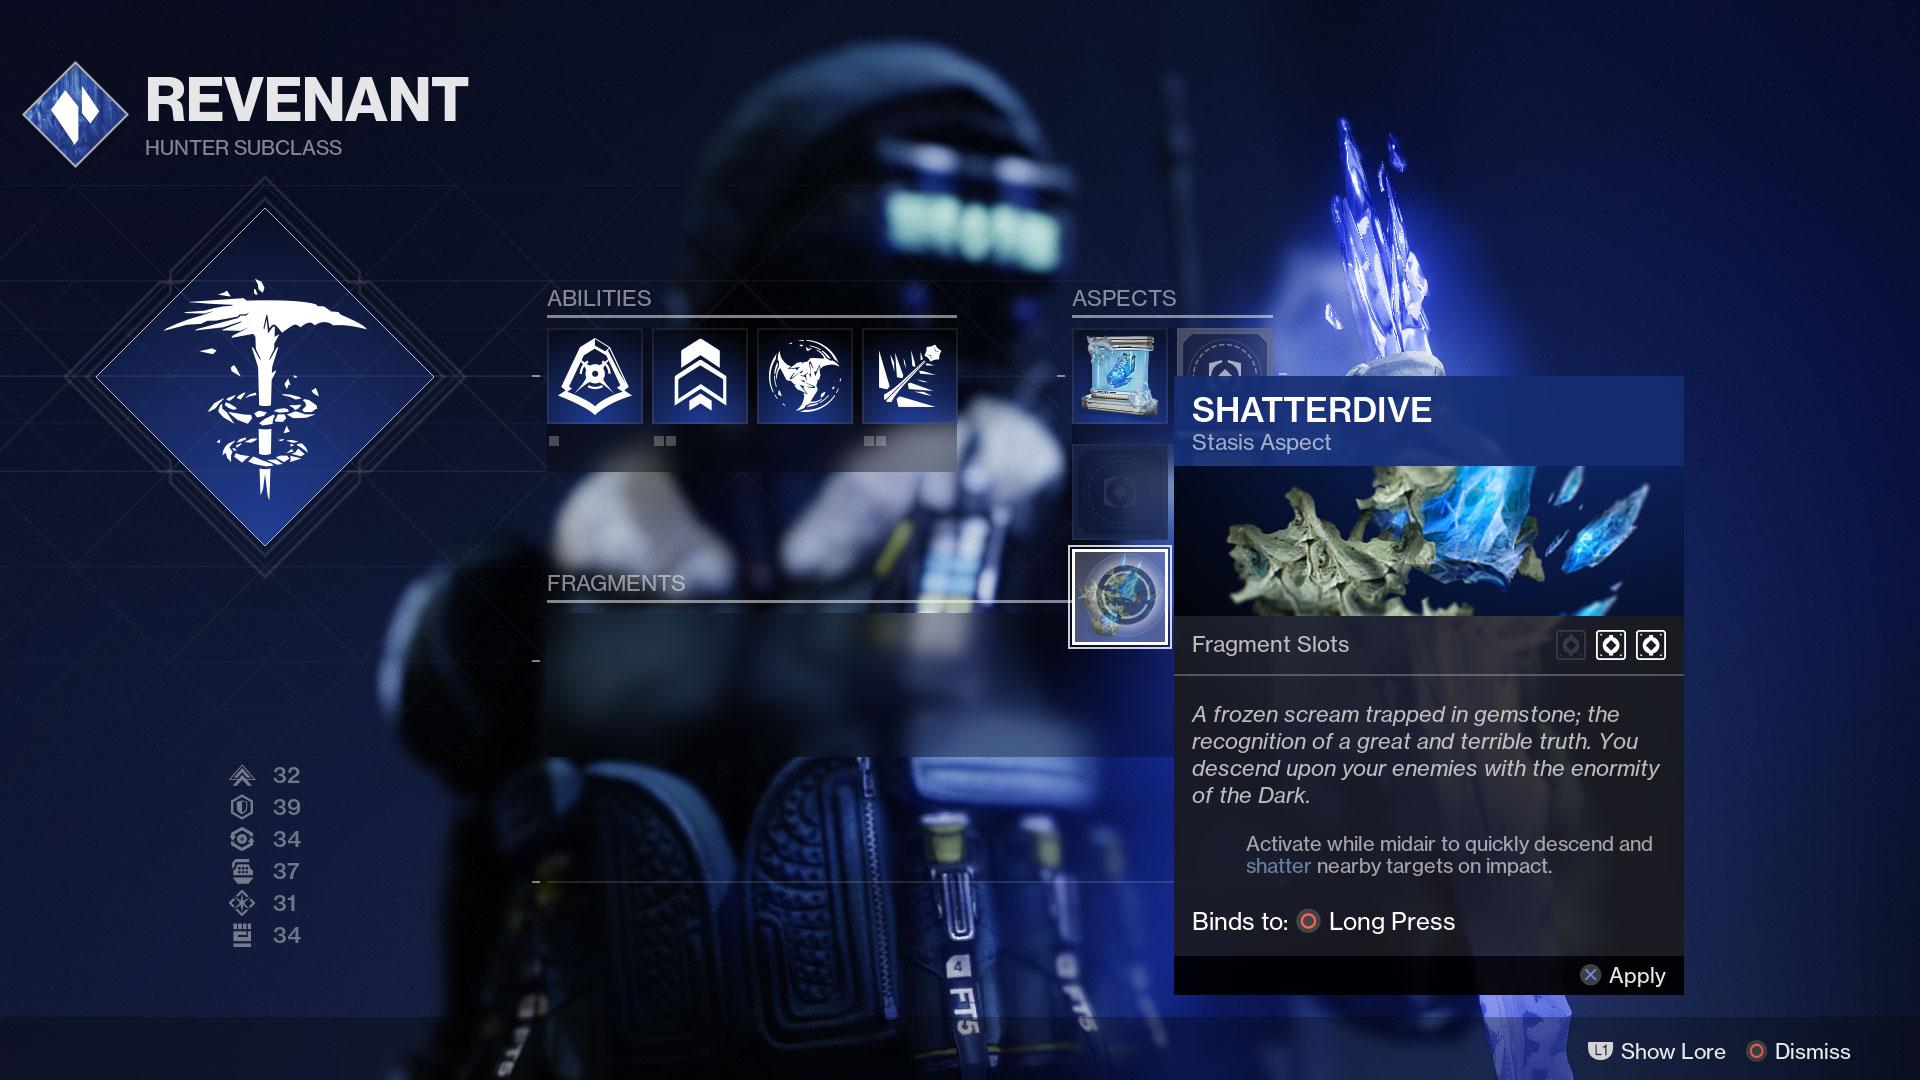 destiny 2 shatterdive aspect Hunter Revenant reveal